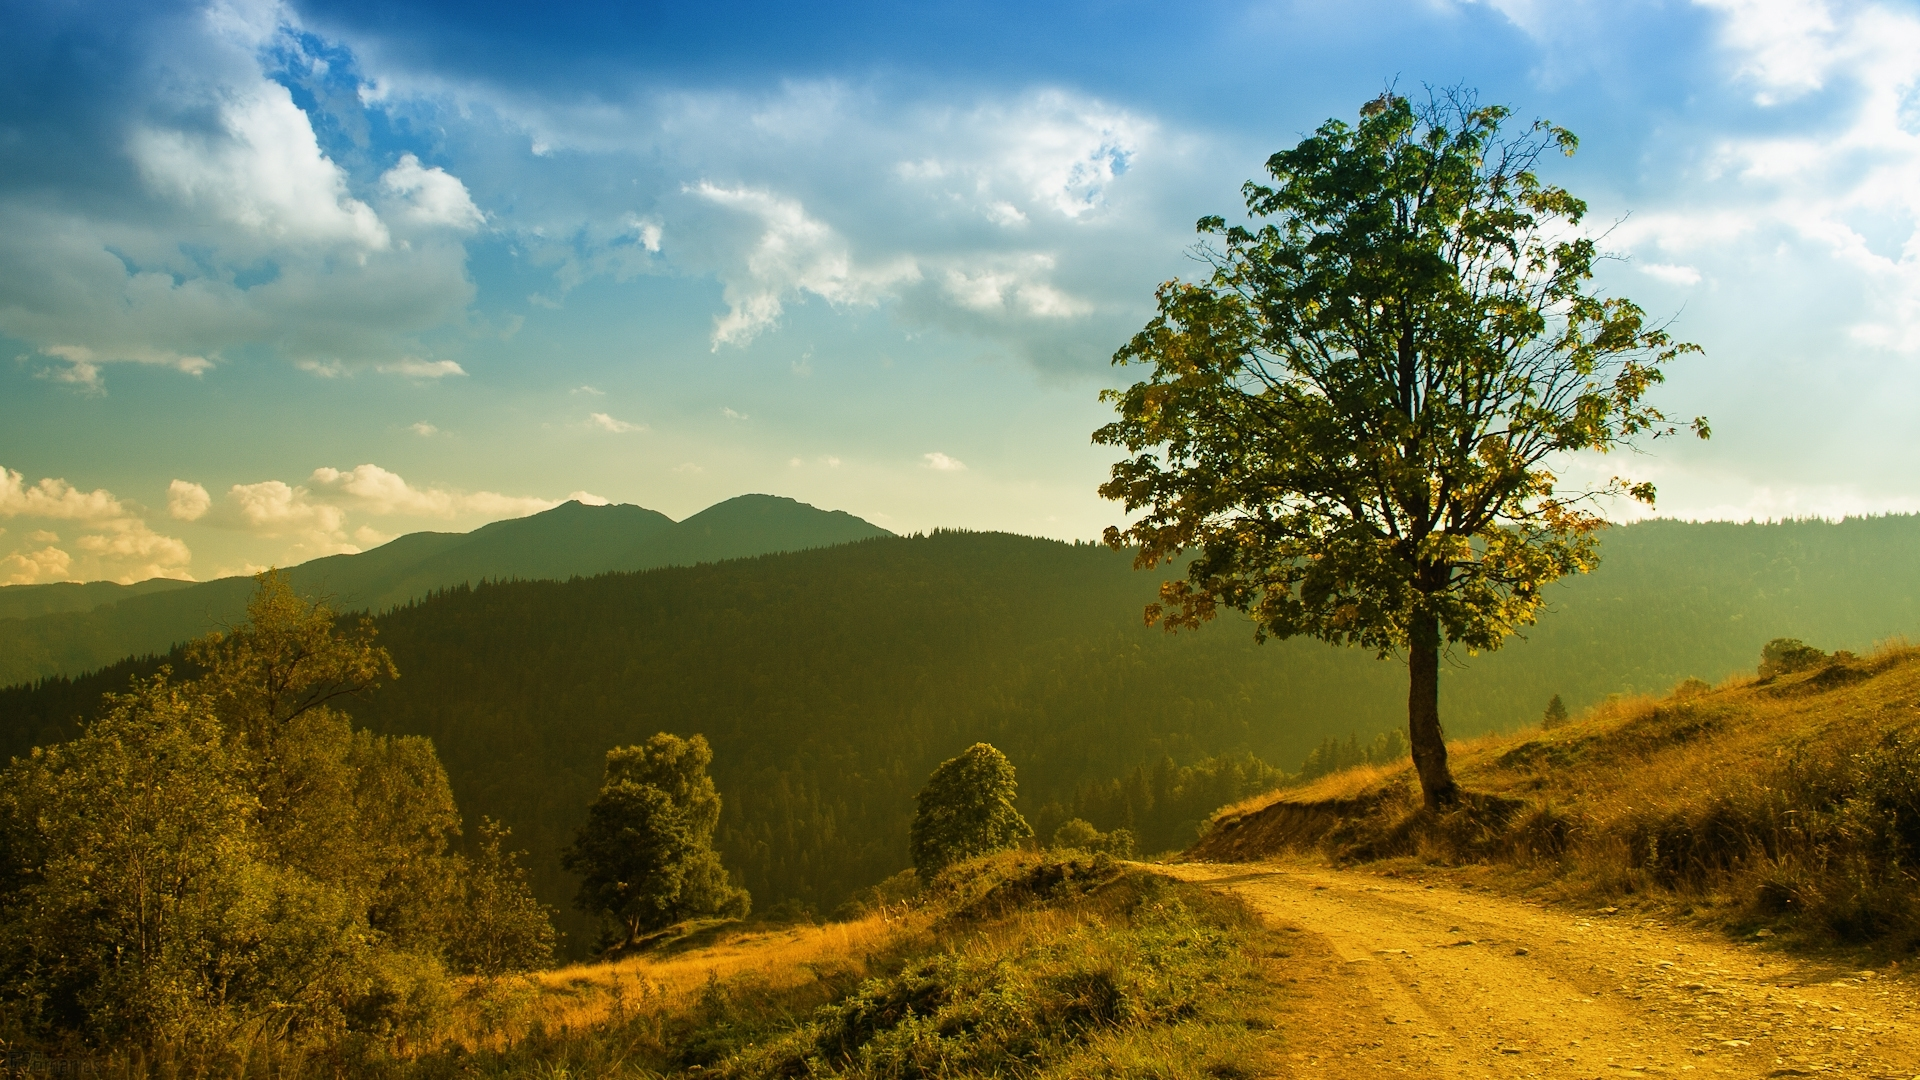 38321 скачать обои Пейзаж, Деревья, Дороги - заставки и картинки бесплатно